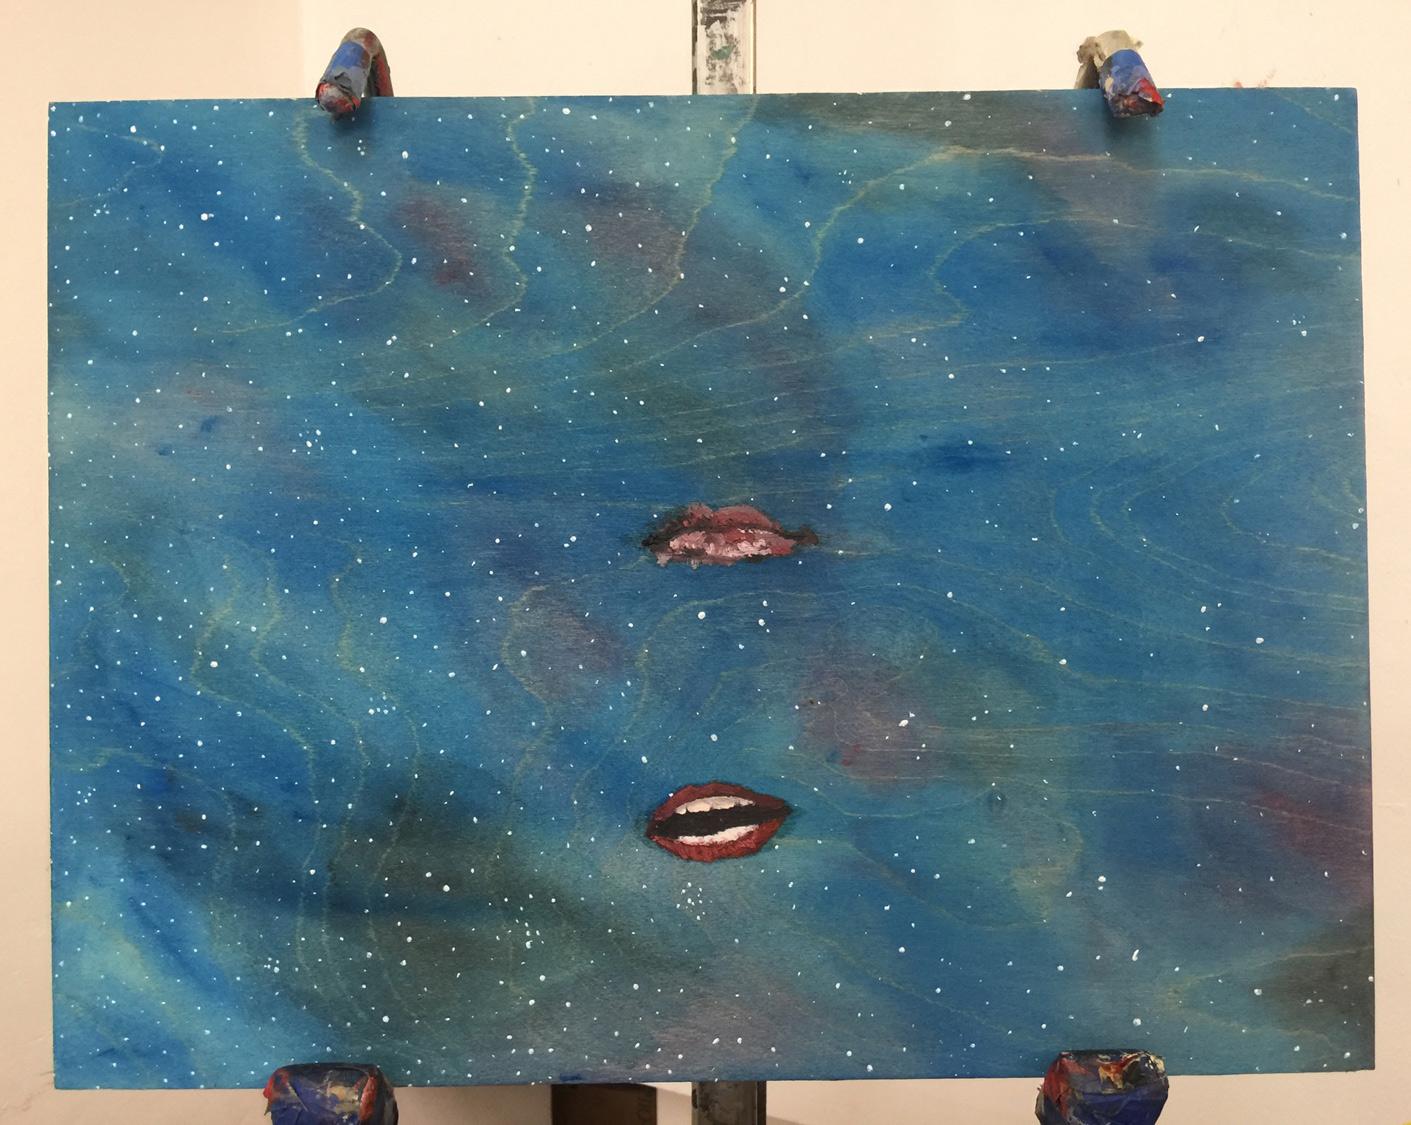 Work in Progress: Lips In Space